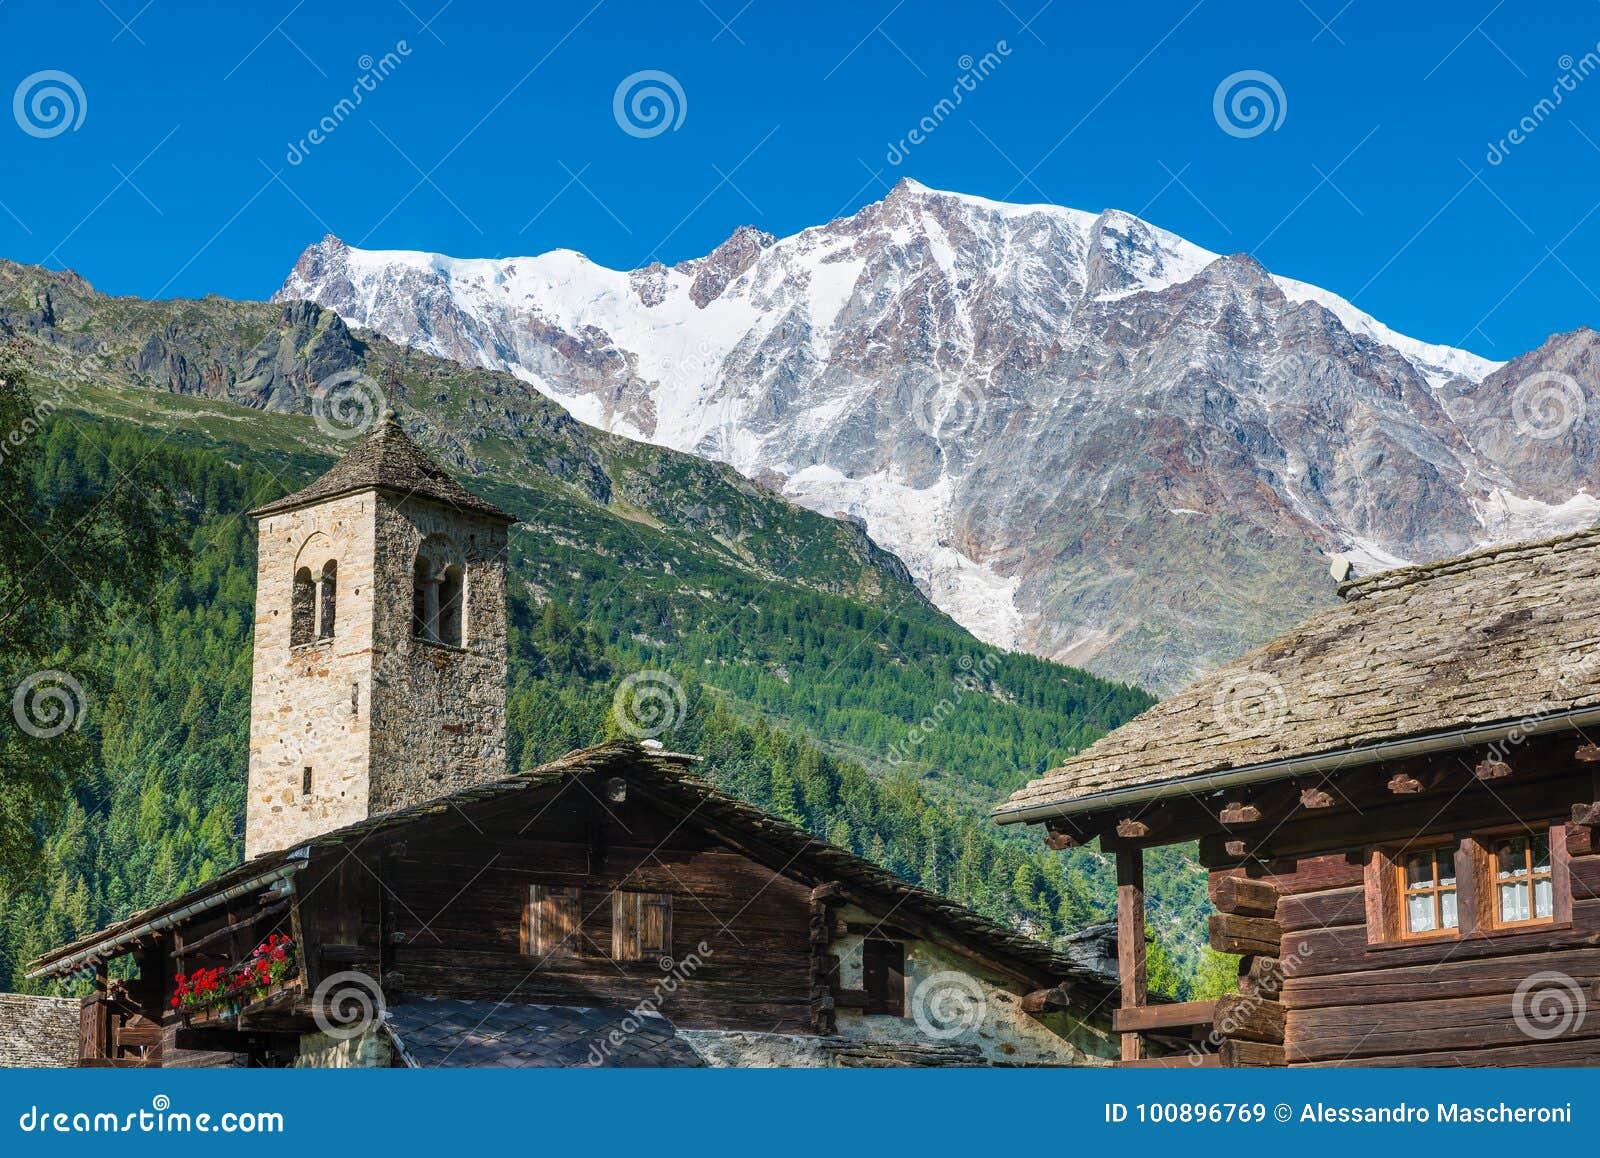 Paisaje de la montaña Las montañas con Monte Rosa y la pared del este espectacular de la roca e hielo de Macugnaga Staffa, Italia